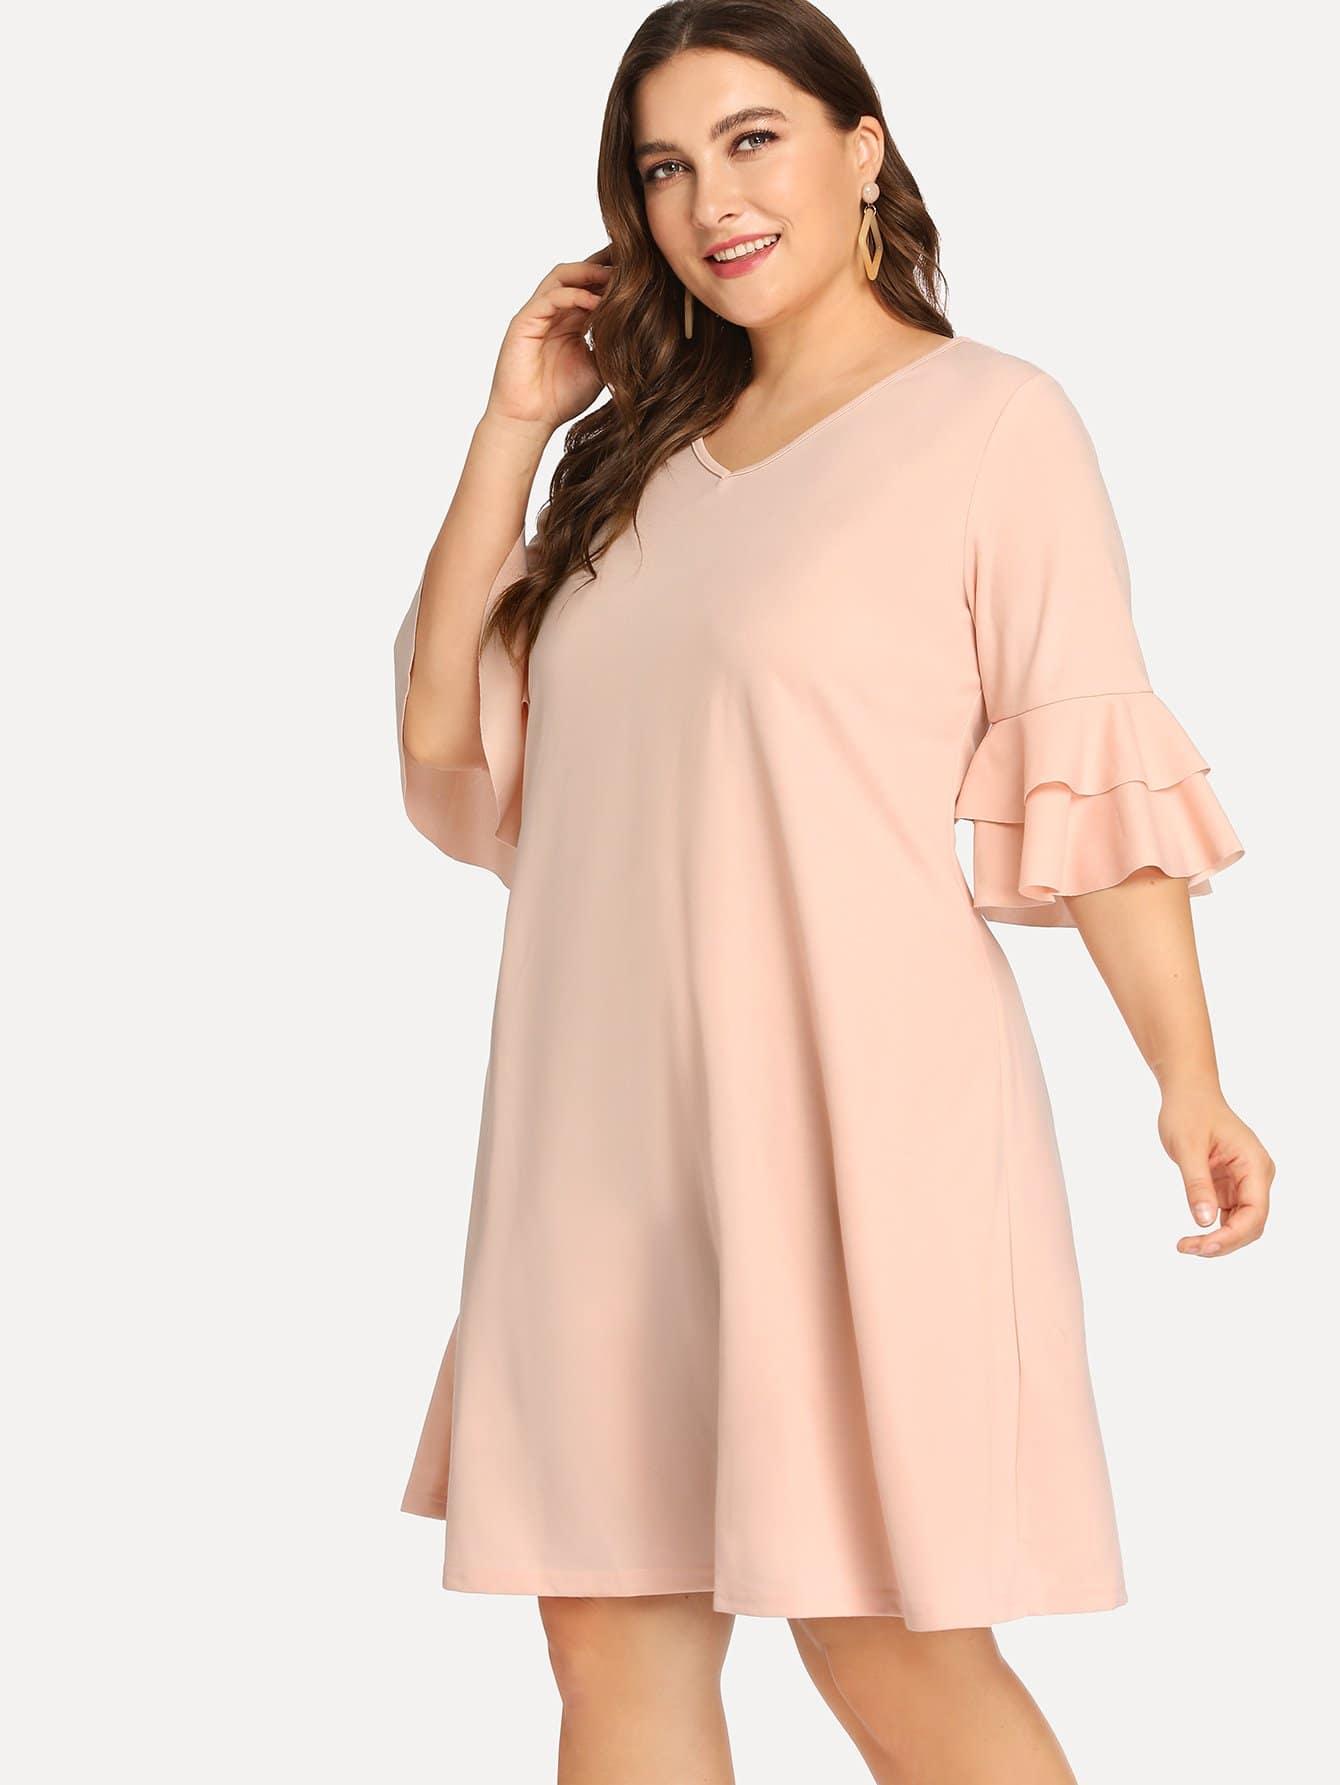 Купить Платье однотонное с широкими рукавами, Franziska, SheIn